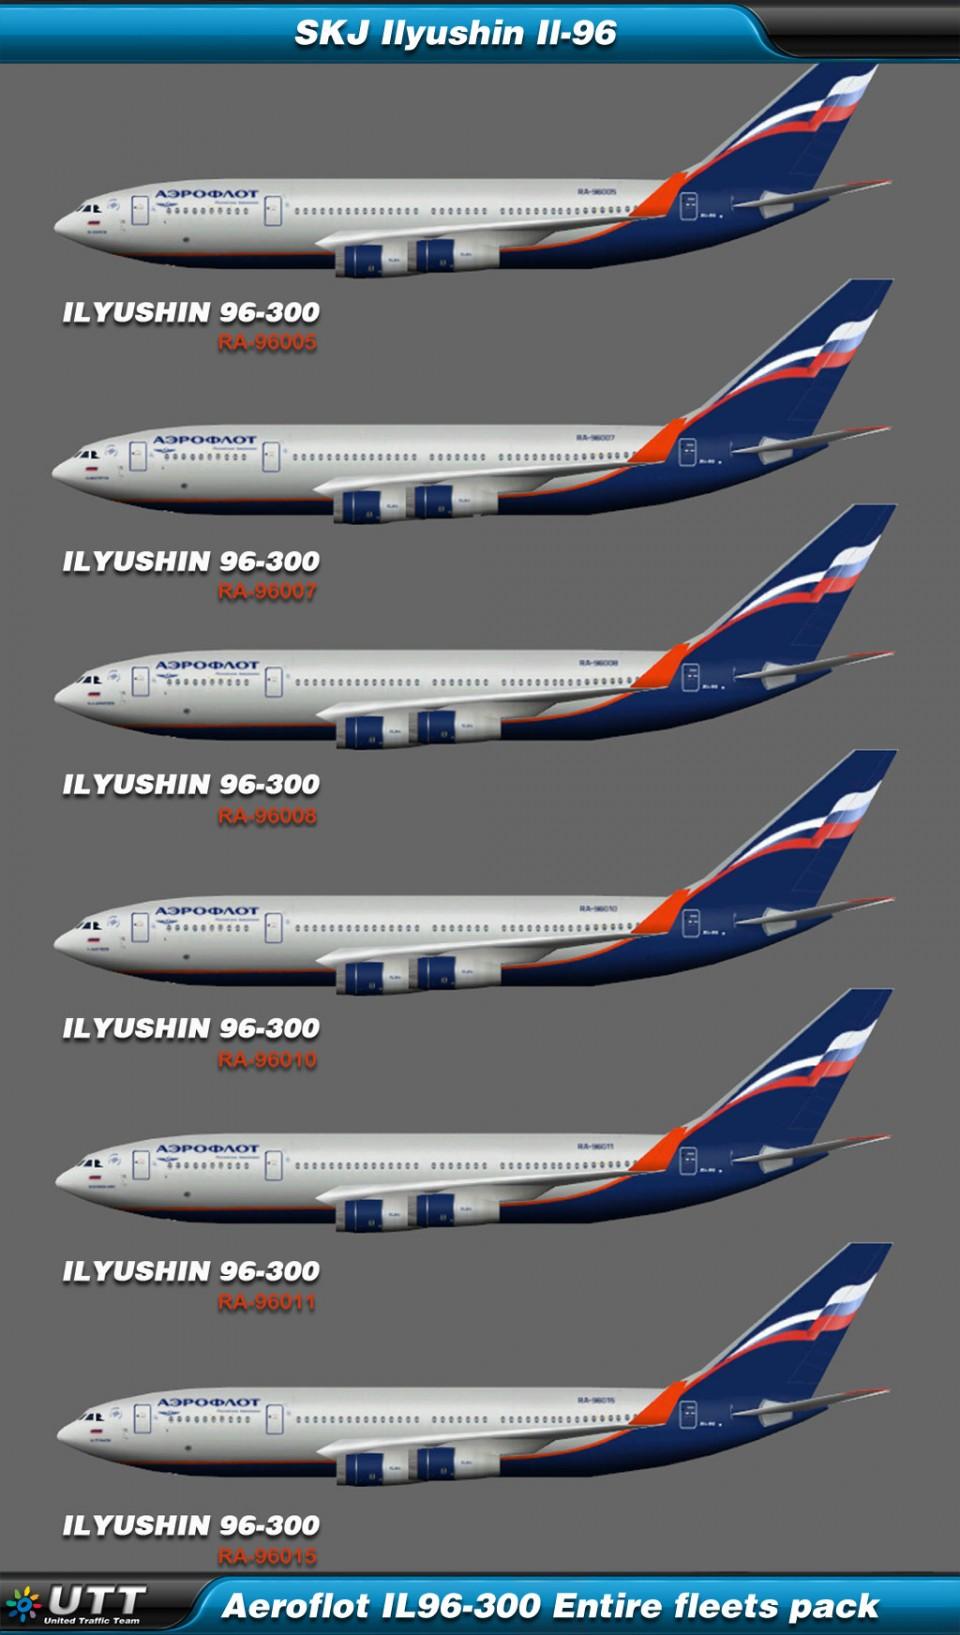 Ilyushin Il-96 Aeroflot (Entire fleet pack)